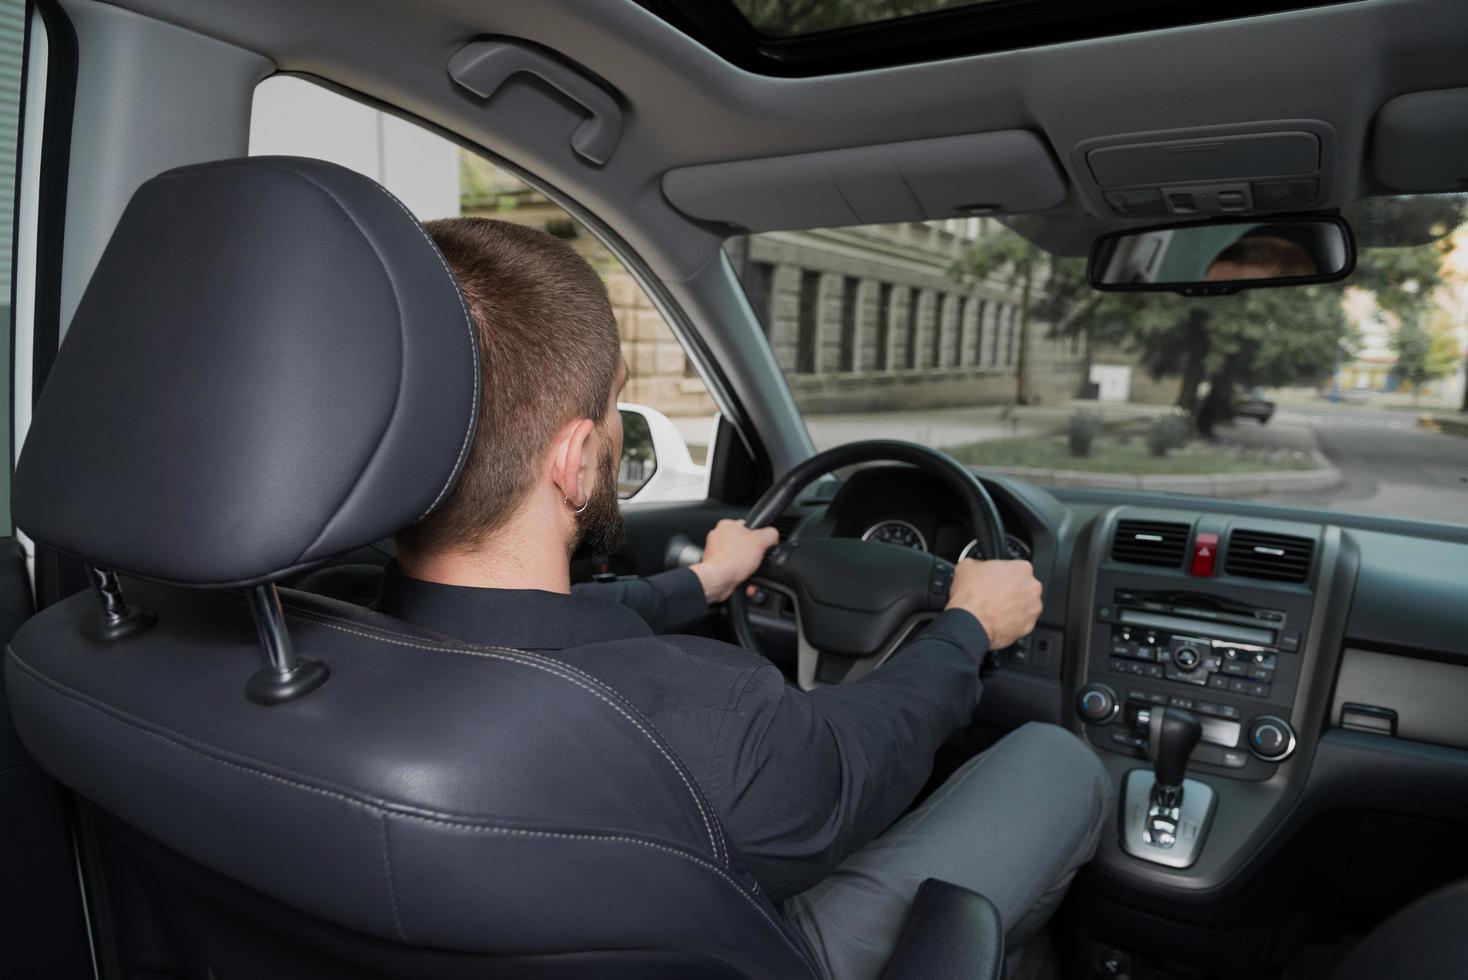 hombre conduciendo coche foto